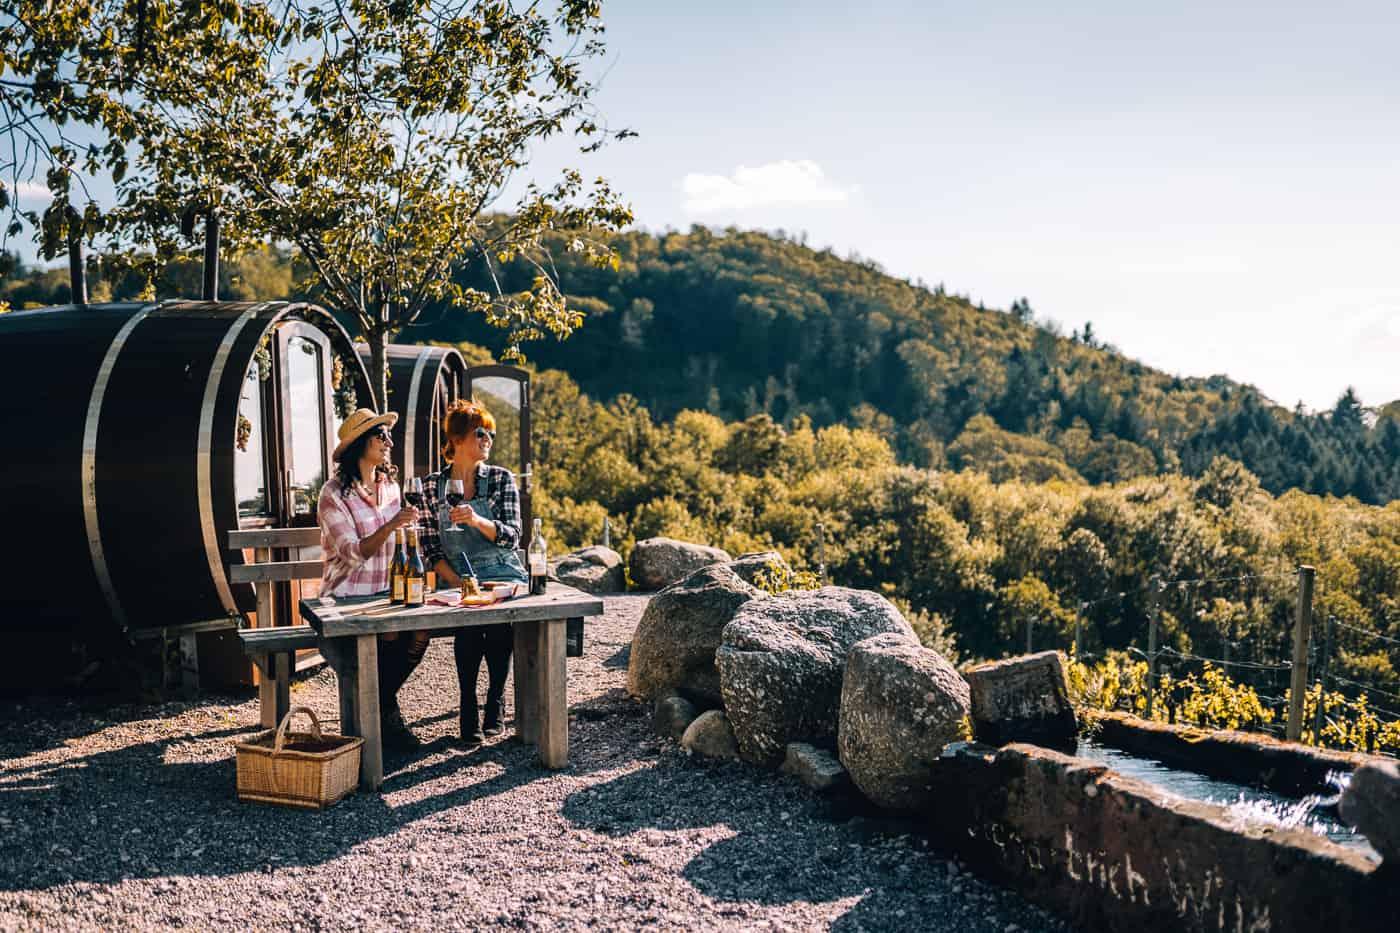 Renchtal & Sasbachwalden: Urlaub zwischen Weinreben & Schwarzwaldhöhen